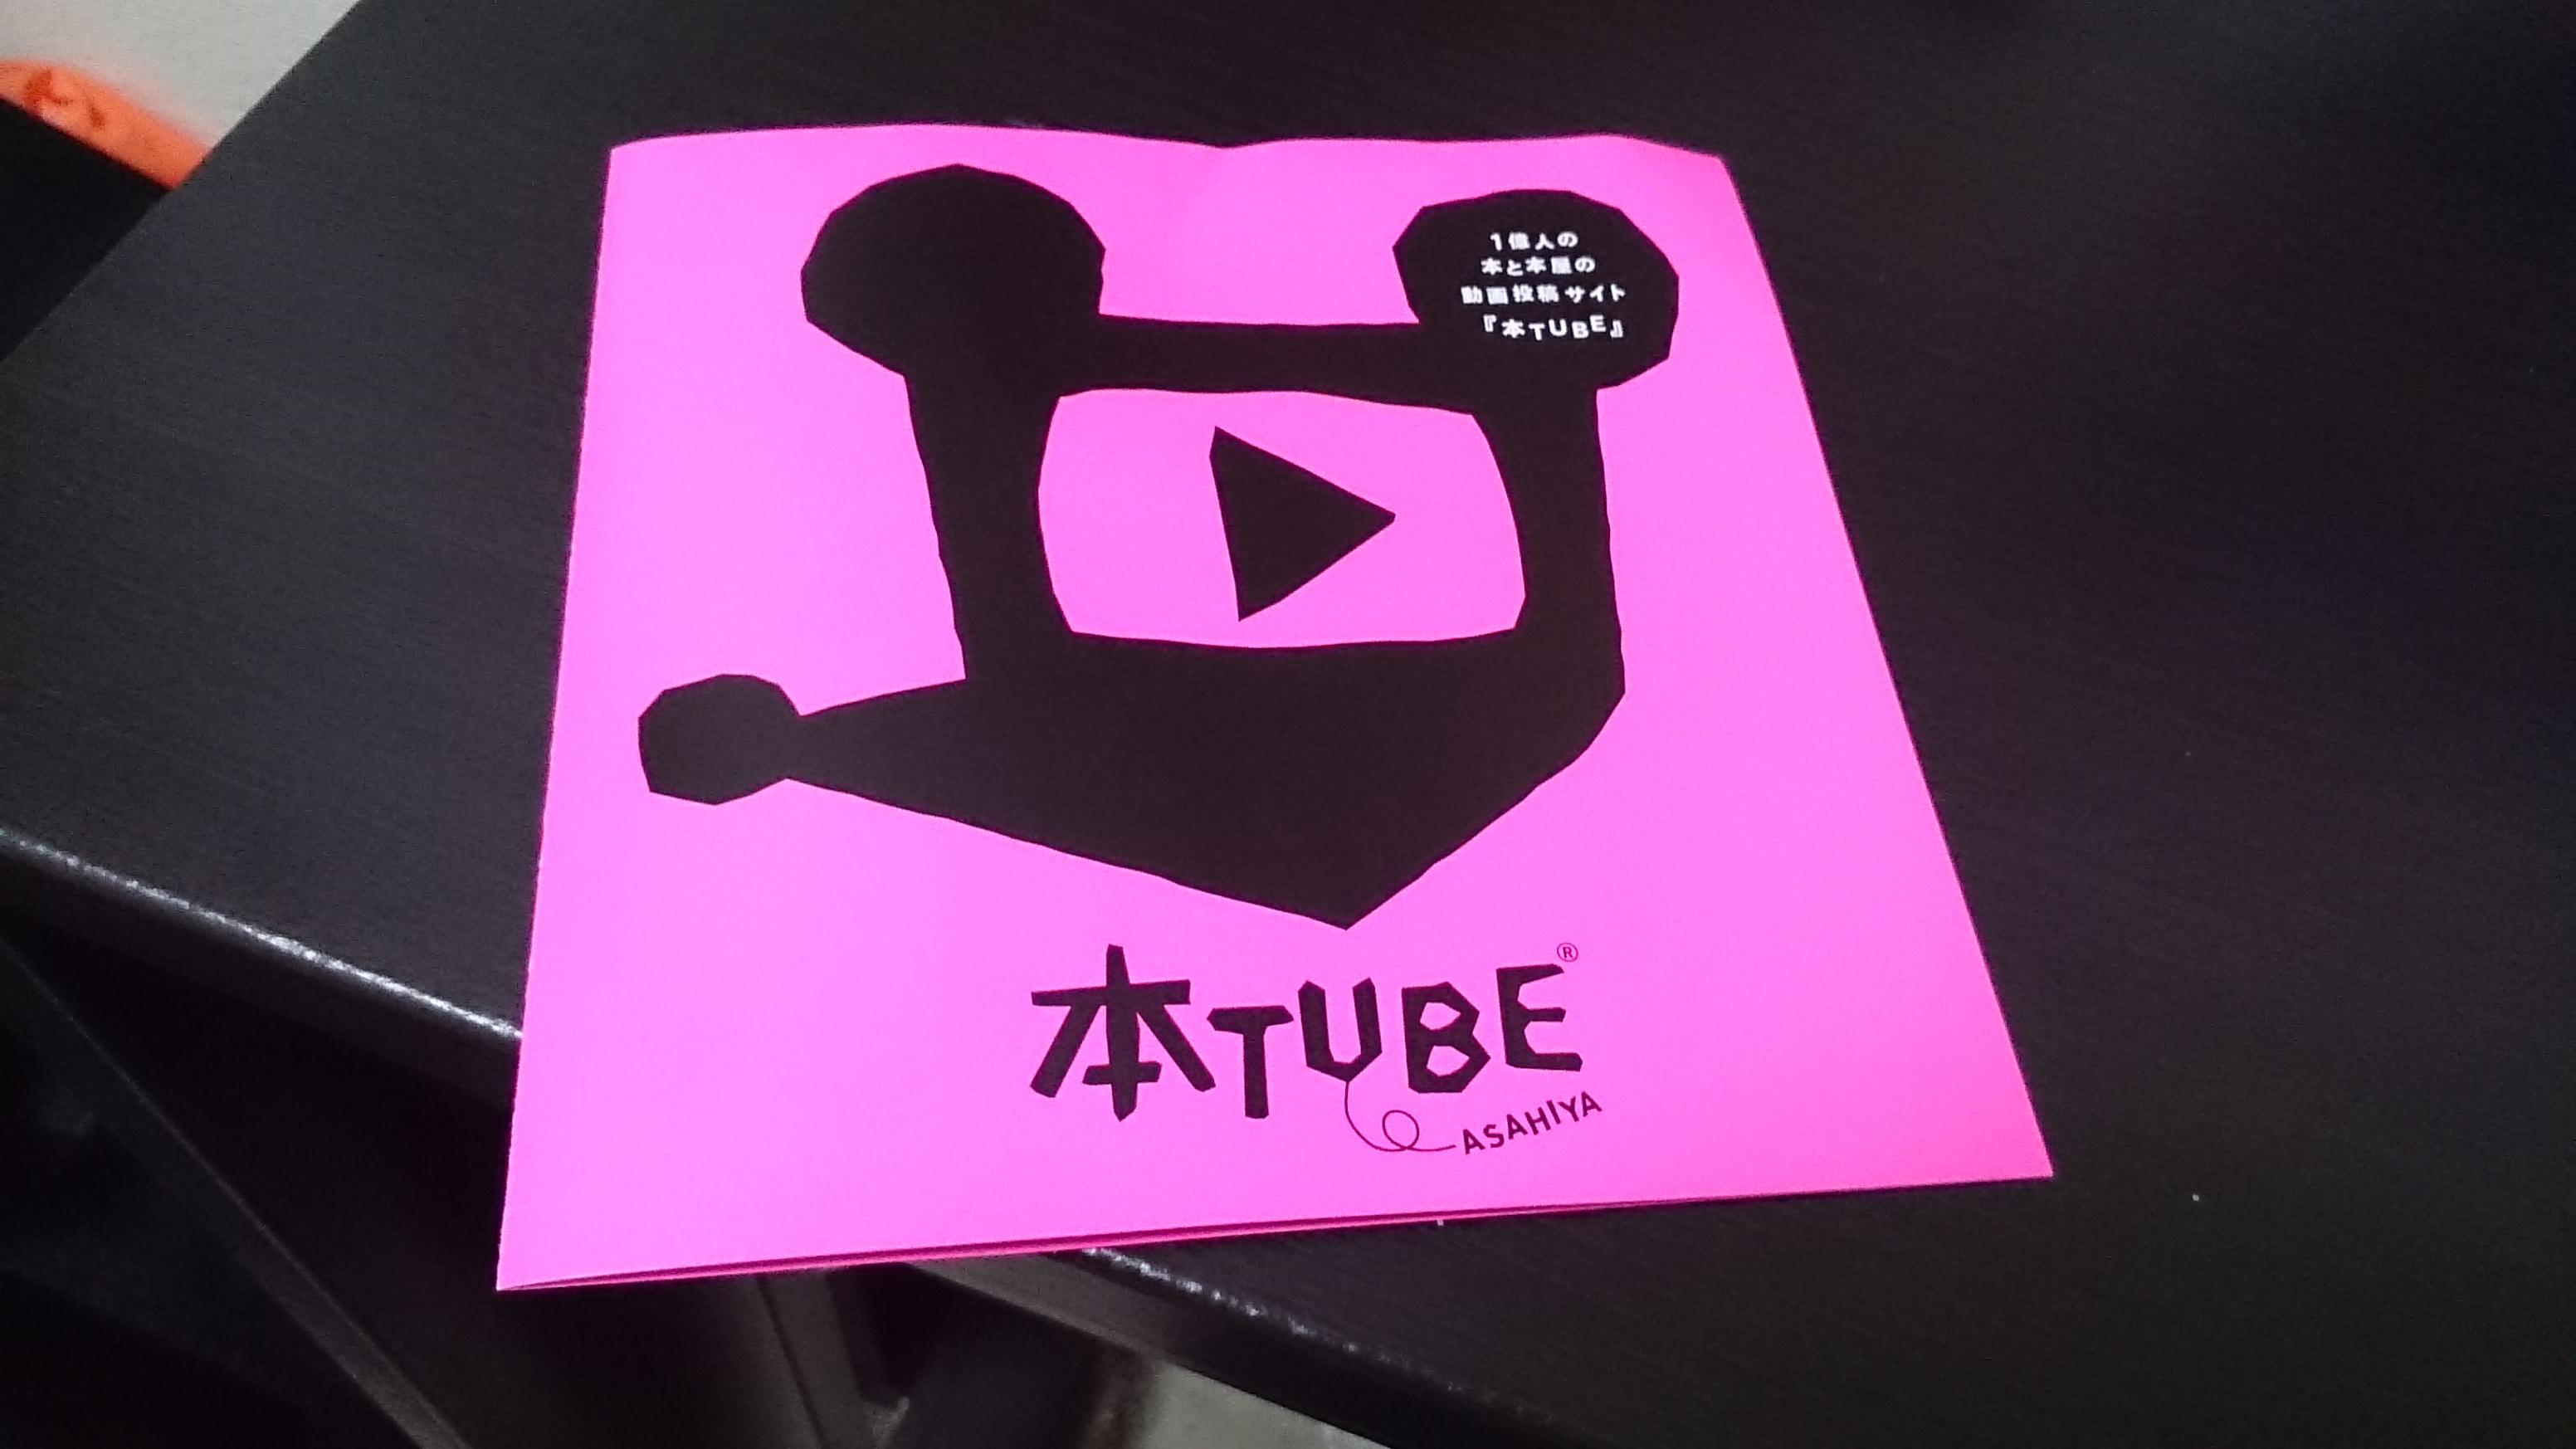 『本TUBE』が面白い!活字の書評サイトとは違う良さがあります。